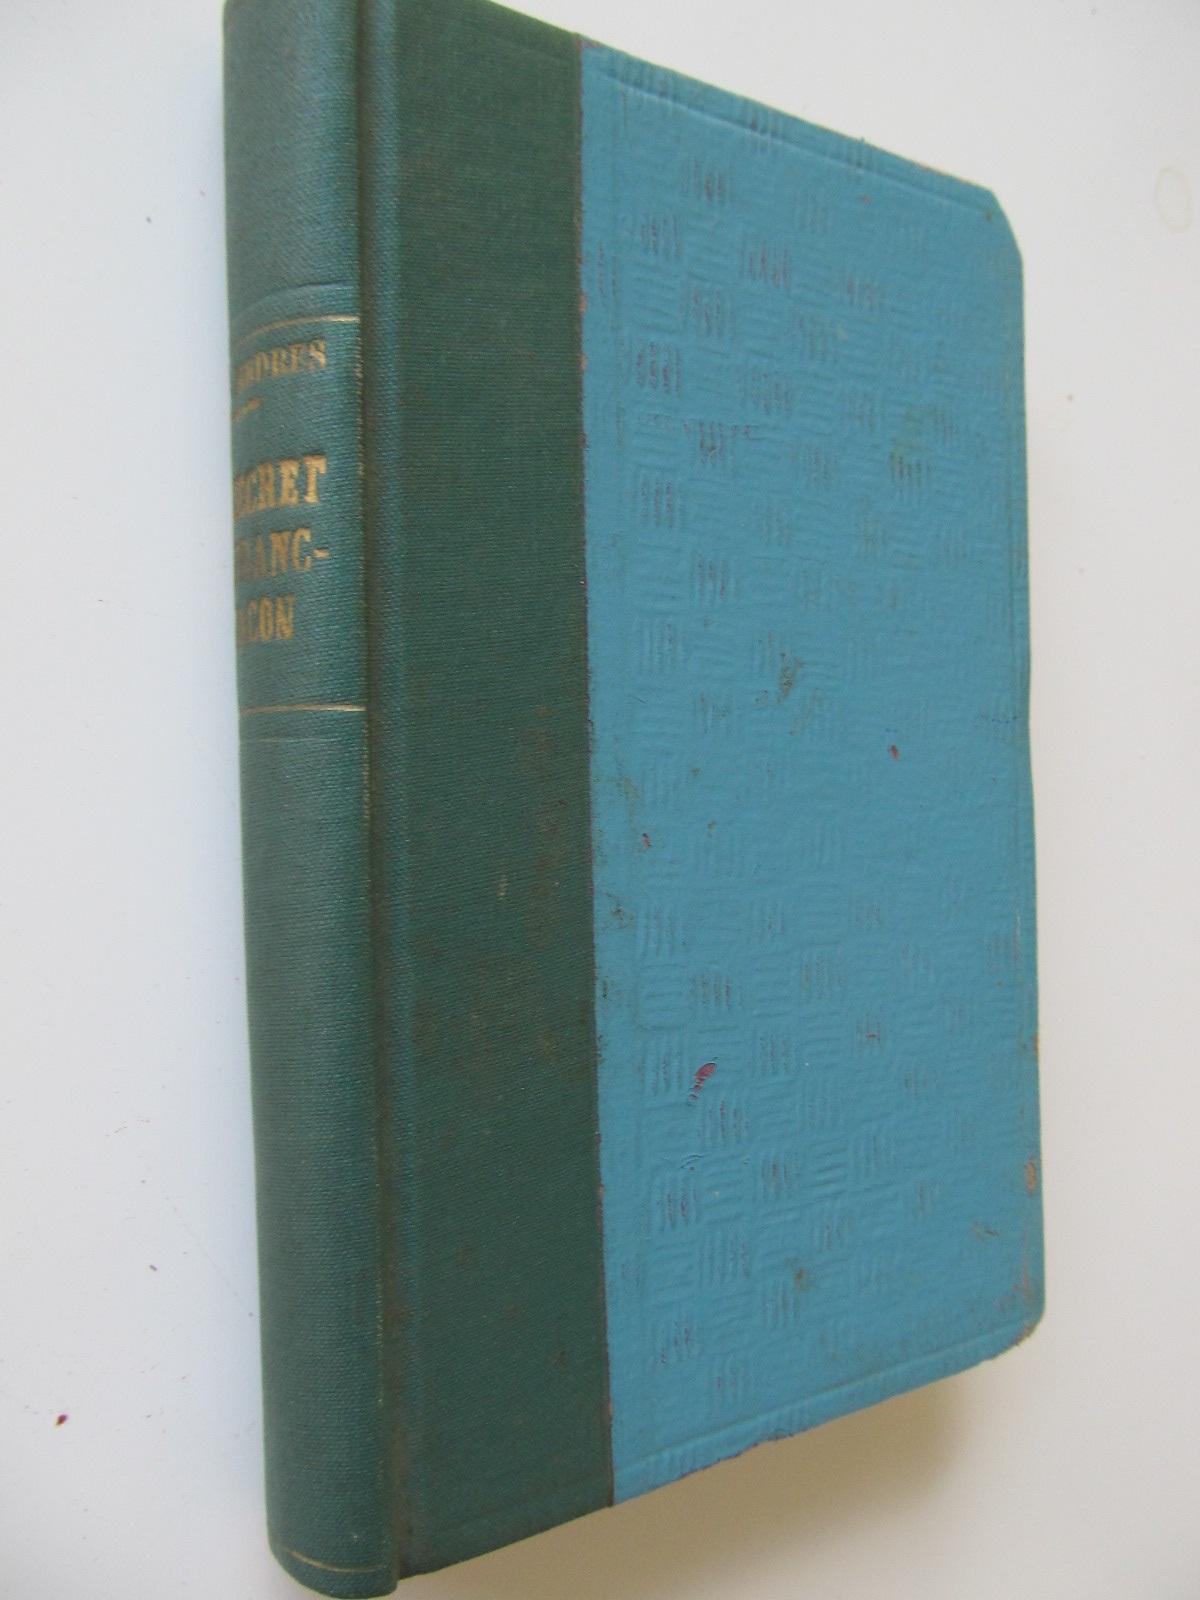 Le secret de franc-macon , 1930 - Franz Carl Endres | Detalii carte